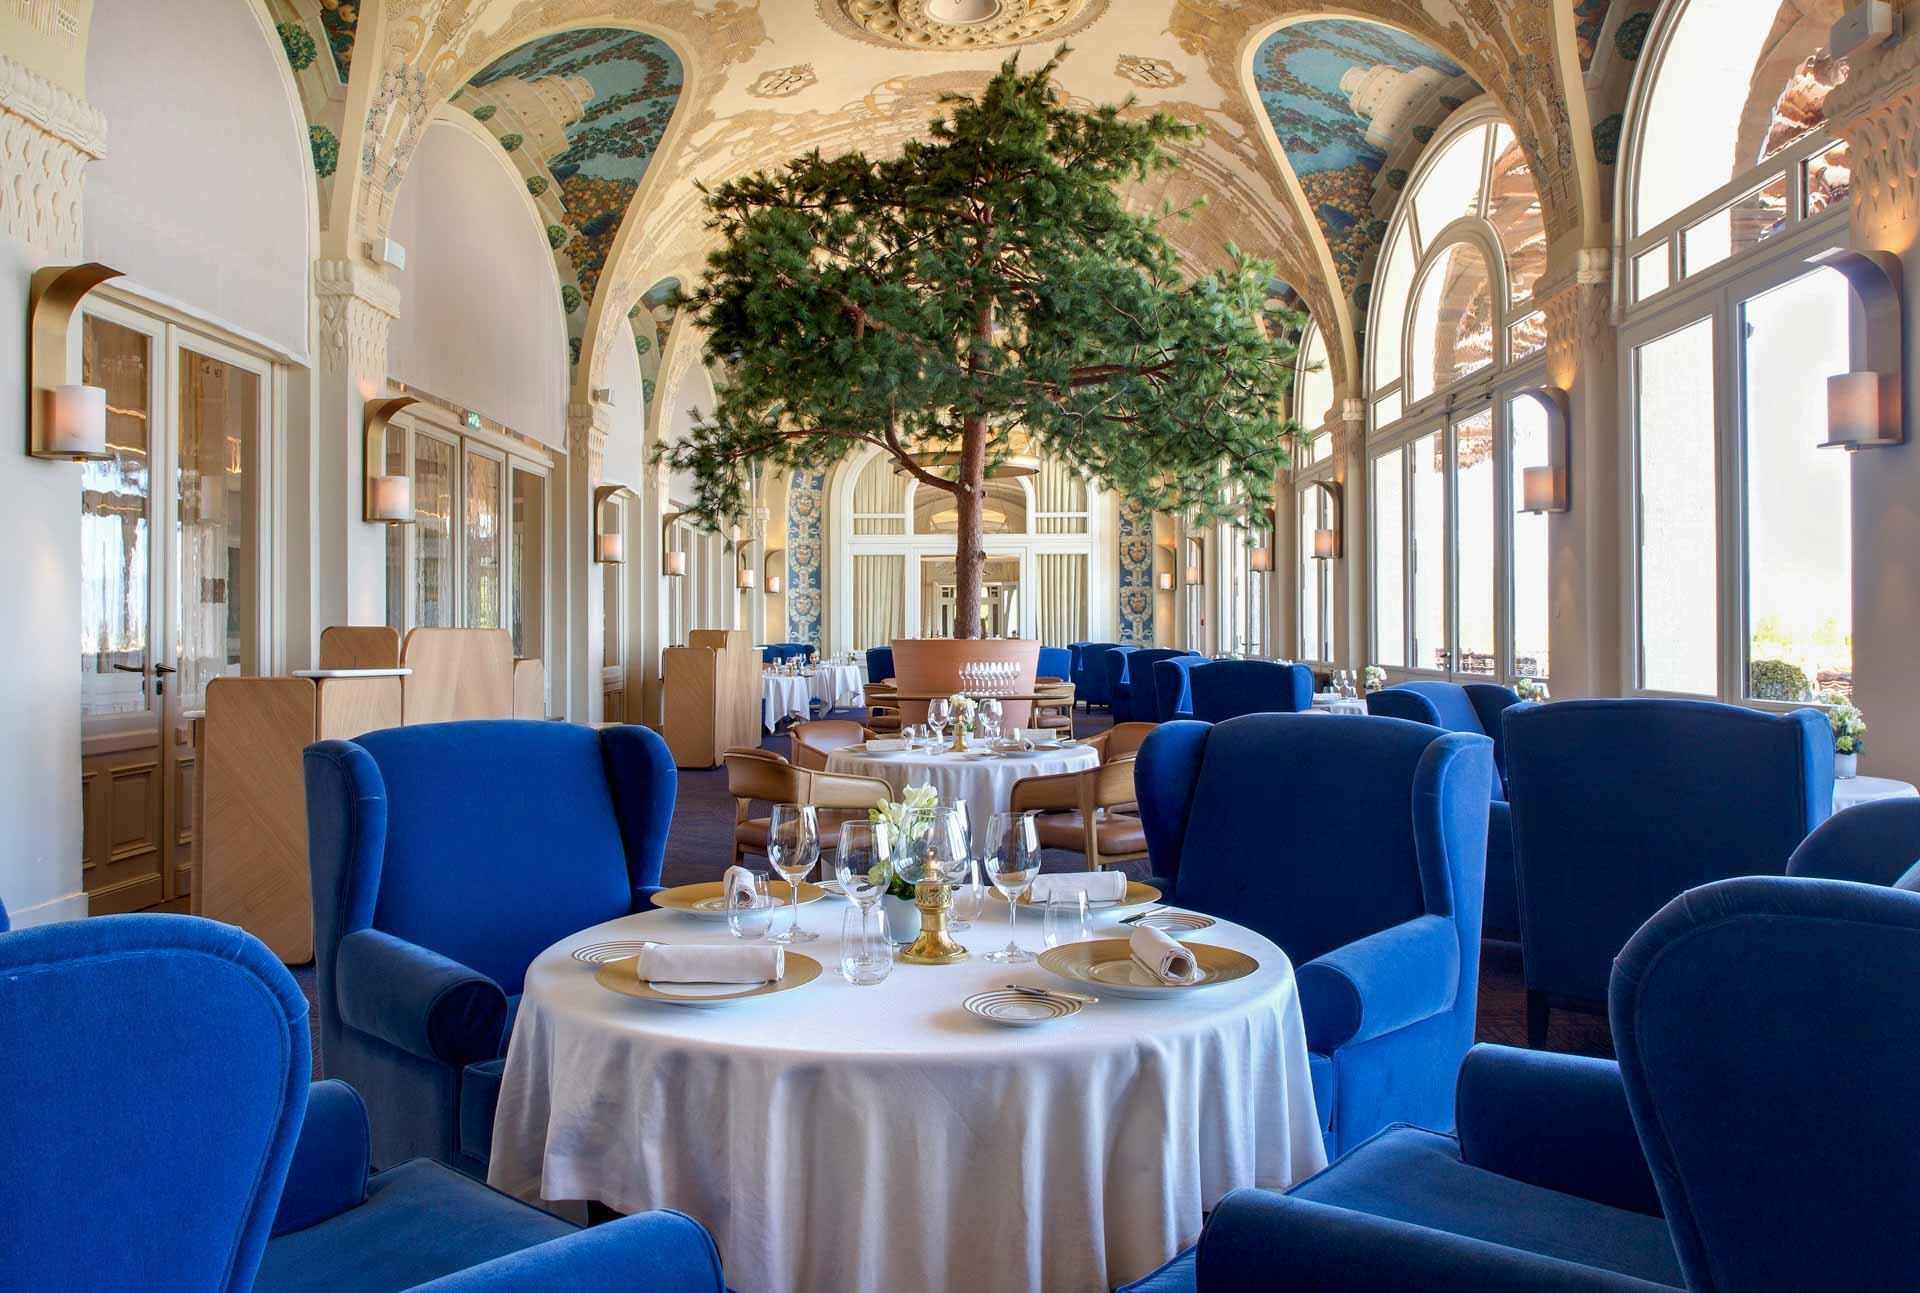 La salle de restaurant Les Fresques © DR